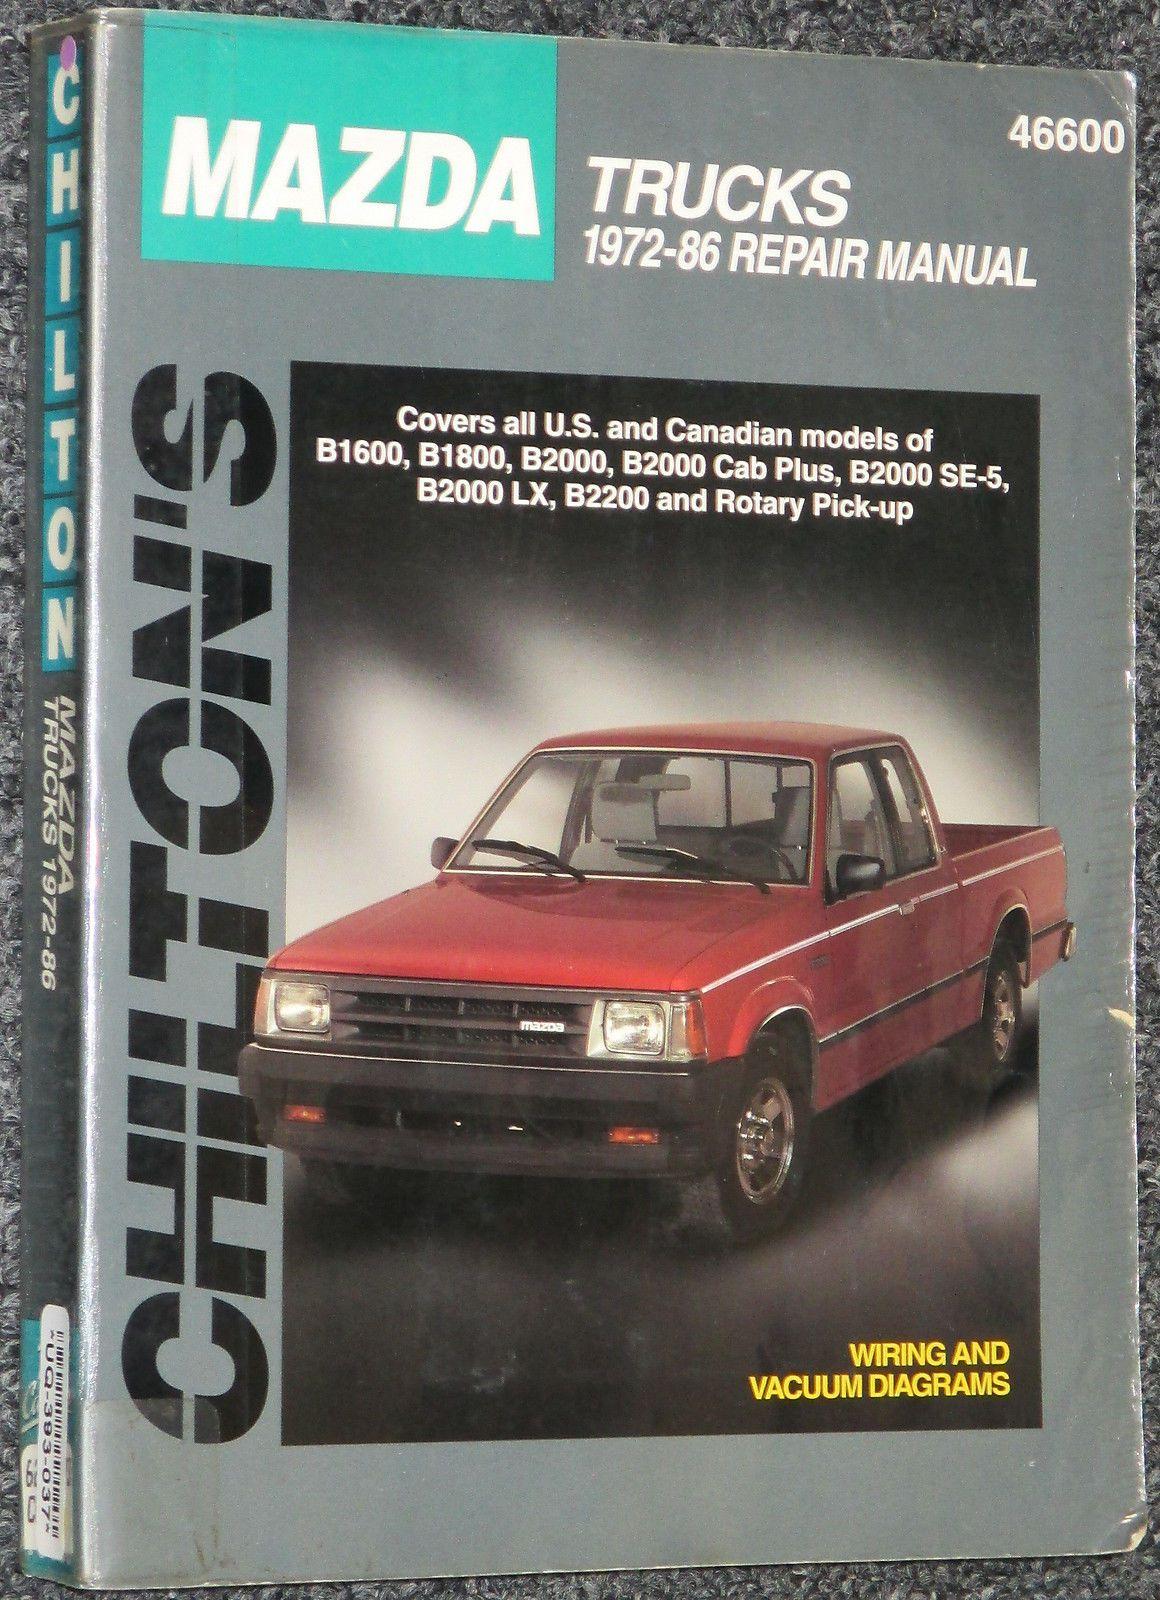 manualspro on chilton repair manual mazda and repair manuals rh pinterest com mazda b1600 workshop manual Mazda R100